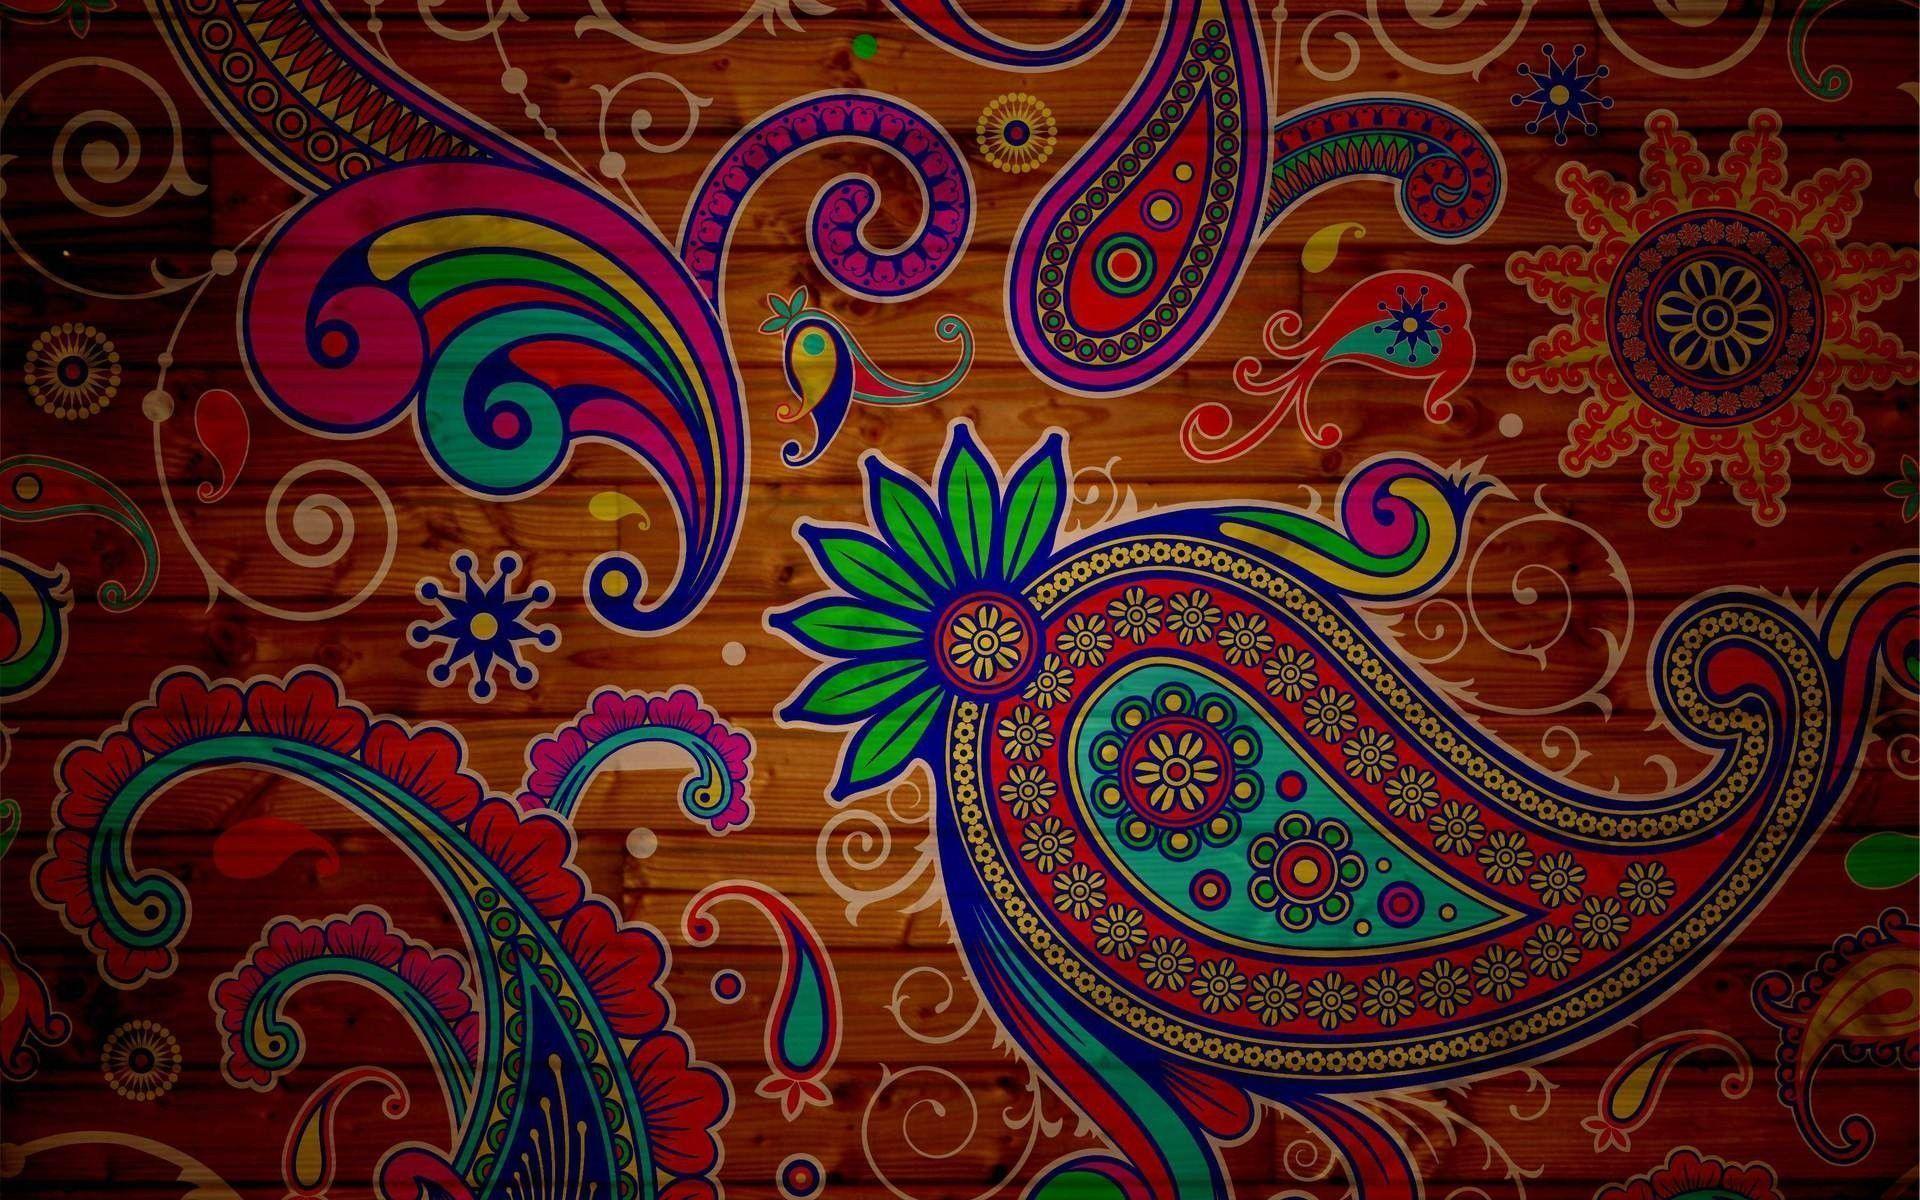 Batik wallpapers wallpapertag - Hd pattern wallpapers 1080p ...